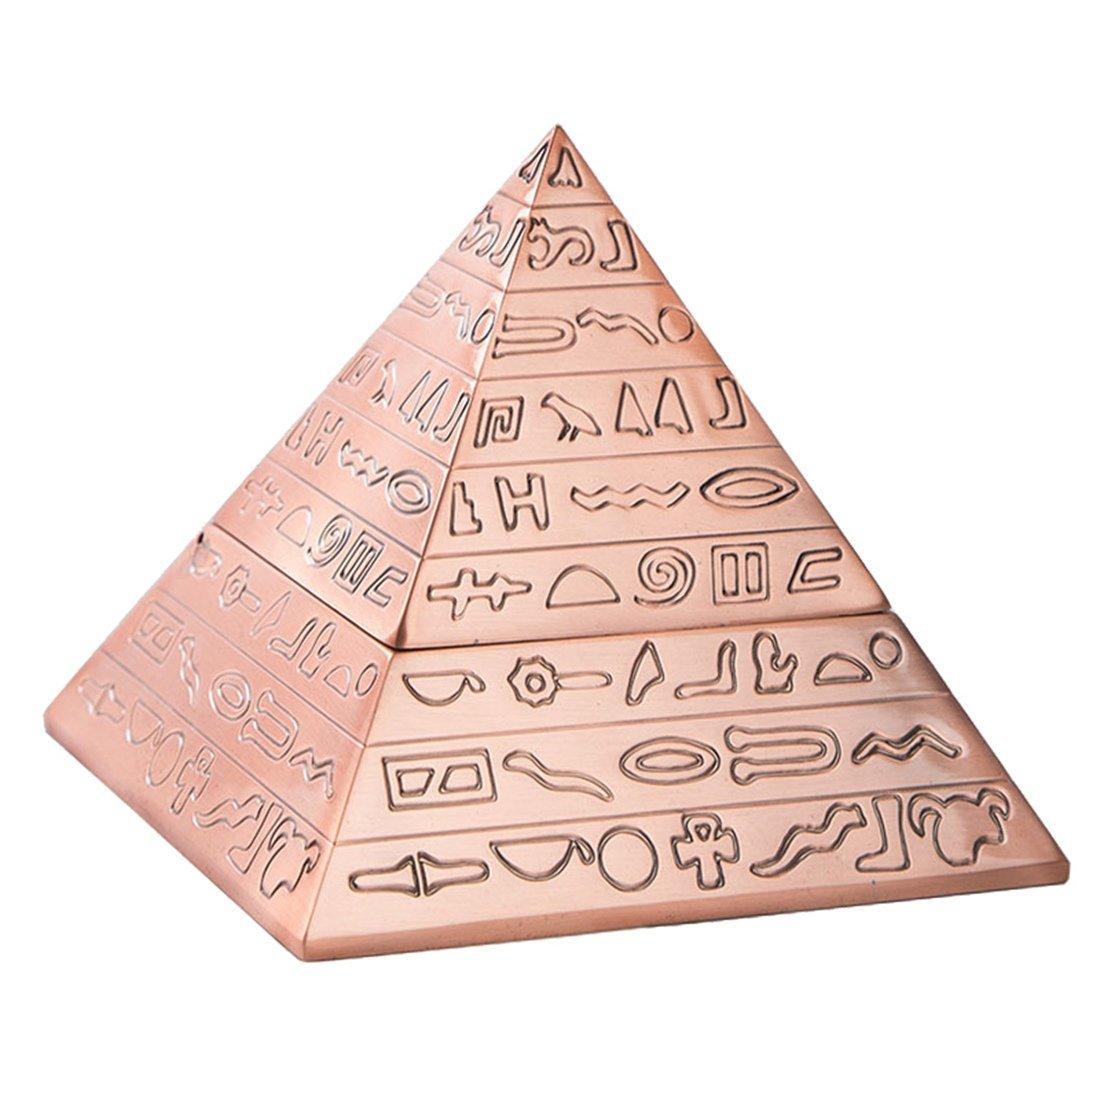 TOOGOO Decoracion de Bronce de Moda Creativa piramide Tallada Metal Egipcio Clasico Vintage con Tapa cenicero Decoracion del hogar Regalo